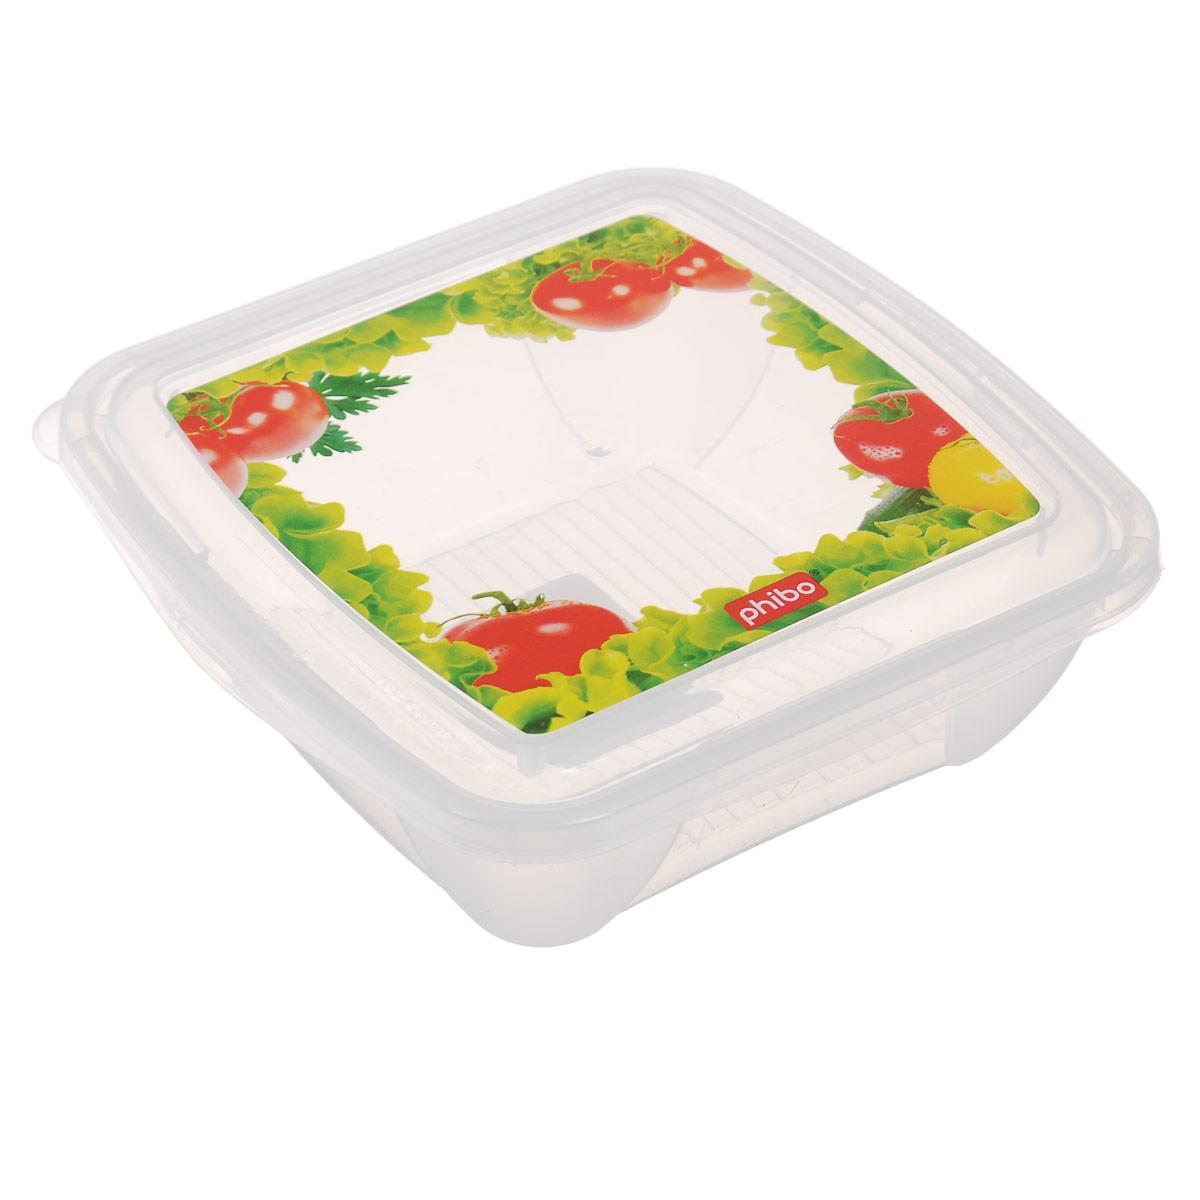 Контейнер Phibo Fresco, 0,5 лС11127Контейнер Phibo Fresco изготовлен из высококачественного прозрачного полипропилена и не содержит Бисфенол А. Крышка легко и плотно закрывается, украшена декором. Контейнер устойчив к воздействию масел и жиров, легко моется. Подходит для использования в микроволновых печах, выдерживает хранение в морозильной камере. Не рекомендуется мыть в посудомоечной машине. Объем контейнера: 0,5 л.